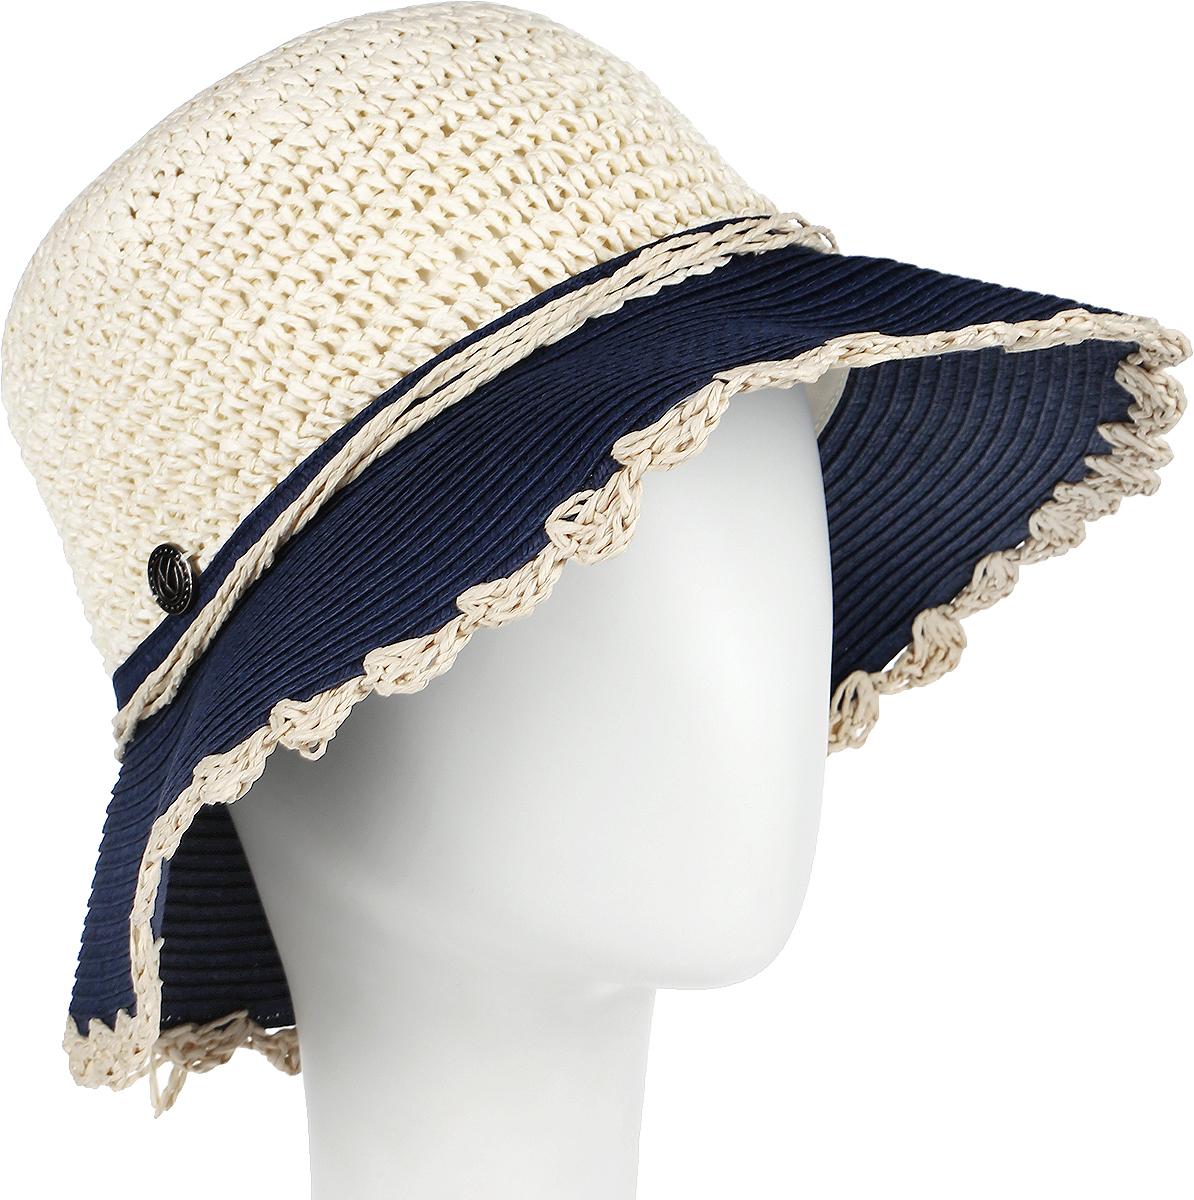 Шляпа женская R.Mountain Romy, цвет: бежевый, темно-синий. 77-140-32-57. Размер M (57)77-140-32-57Летняя женская шляпа R.Mountain Romy станет незаменимым аксессуаром для пляжа и отдыха на природе. Такая шляпка не только защитит вас от солнца, но и станет стильным дополнением вашего образа.Модель украшена соломенной лентой вокруг тульи. Края полей также отделаны оригинальными вензелями из соломки. Плетение шляпы обеспечивает необходимую вентиляцию и комфорт даже в самый знойный день. Шляпа легко восстанавливает свою форму после сжатия.Эта элегантная легкая шляпка подчеркнет вашу неповторимость и дополнит ваш повседневный образ.